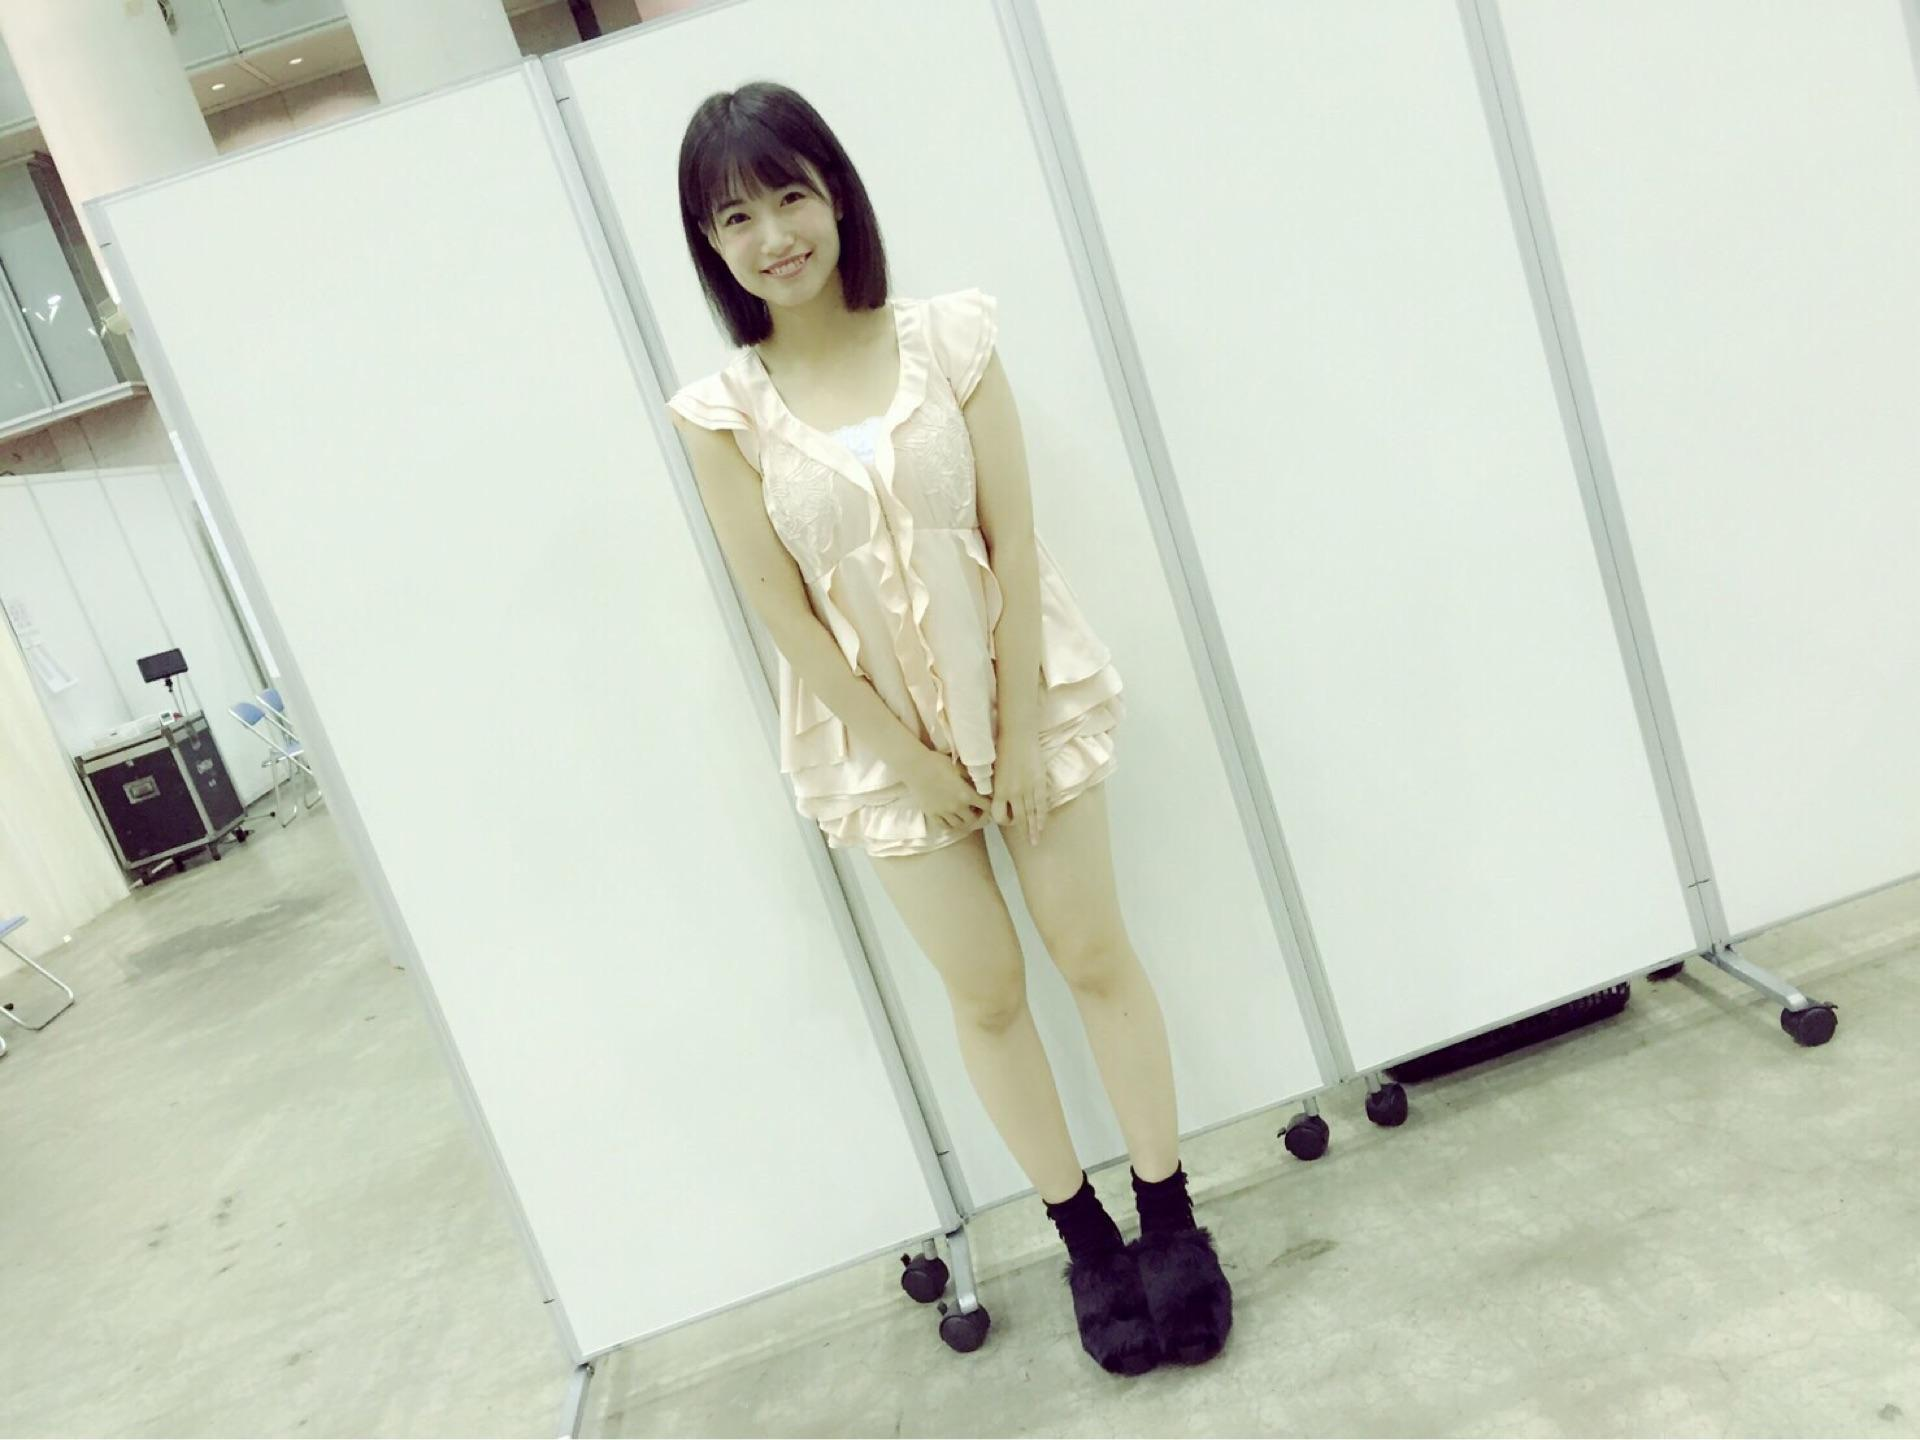 エロい私服を着ておっぱい強調ポーズをしている朝長美桜